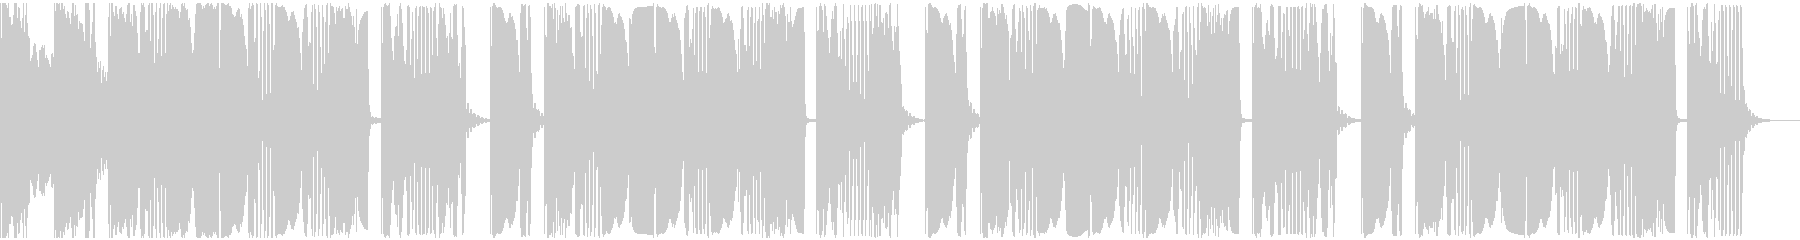 【アンビエント】ロング2、ショート2の未再生の波形